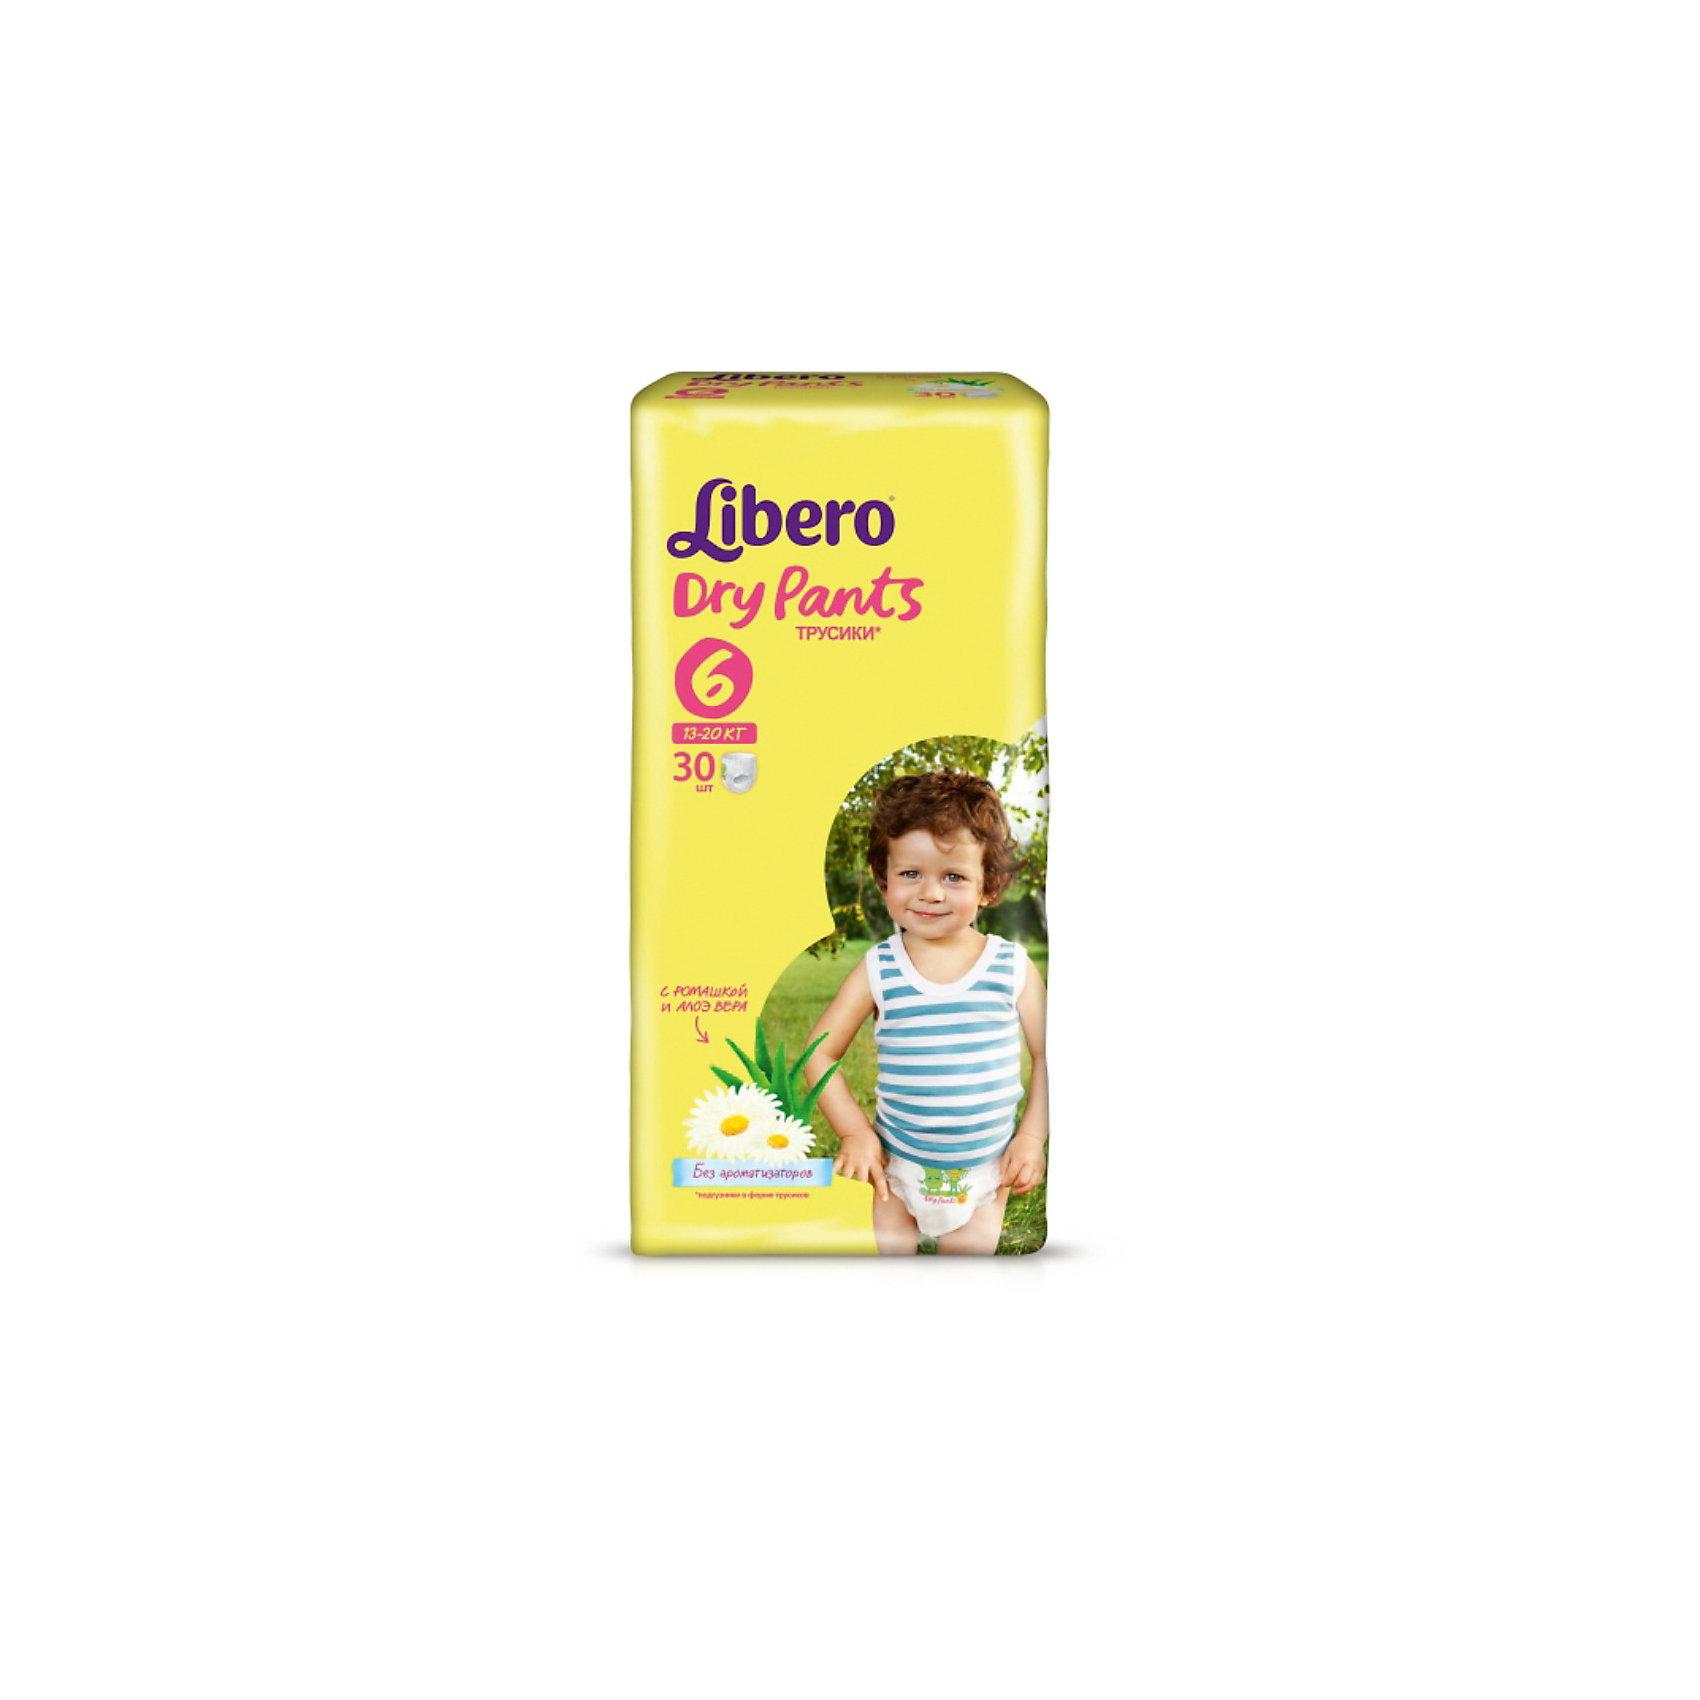 Трусики Libero Dry Pants, XL 13-20 кг, 30 шт.Трусики-подгузники<br>Трусики-подгузники Libero Dry Pants (Либеро Драй Пентс) Size 6 (13-20кг), 30 шт.<br><br>Характеристики: <br><br>• легко надевать<br>• мягкие и тонкие трусики<br>• отлично впитывают и удерживают влагу<br>• содержат экстракт ромашки<br>• тянущийся поясок из дышащих материалов<br>• барьеры вокруг ножек защищают от протекания<br>• не сковывают движений<br>• легко снимать и сворачивать<br>• размер: 6 (13-20 кг)<br>• количество в упаковке: 30 шт.<br><br>Если ваш малыш не любит спокойно ждать пока вы его переоденете, то трусики-подгузники Libero Dry Pants станут для вас прекрасным решением. Они легко надеваются, как обычное белье и также легко снимаются при разрывании боковых швов. Трусики очень мягкие и тонкие, при этом они отлично впитывают и удерживают влагу, не стесняя движений крохи. Экстракт ромашки и алоэ успокоит нежную кожу малыша. Высокие барьеры и эластичный поясок препятствуют протеканию.  После использования вы легко сможете свернуть трусики и заклеить из специальной клейкой лентой. Яркая упаковка и привлекательный дизайн превратят процесс переодевания в веселую игру!<br><br>Трусики-подгузники Libero Dry Pants Size 6 (13-20кг), 30 шт. вы можете купить в нашем интернет-магазине.<br><br>Ширина мм: 147<br>Глубина мм: 195<br>Высота мм: 370<br>Вес г: 1246<br>Возраст от месяцев: 12<br>Возраст до месяцев: 60<br>Пол: Унисекс<br>Возраст: Детский<br>SKU: 3517634